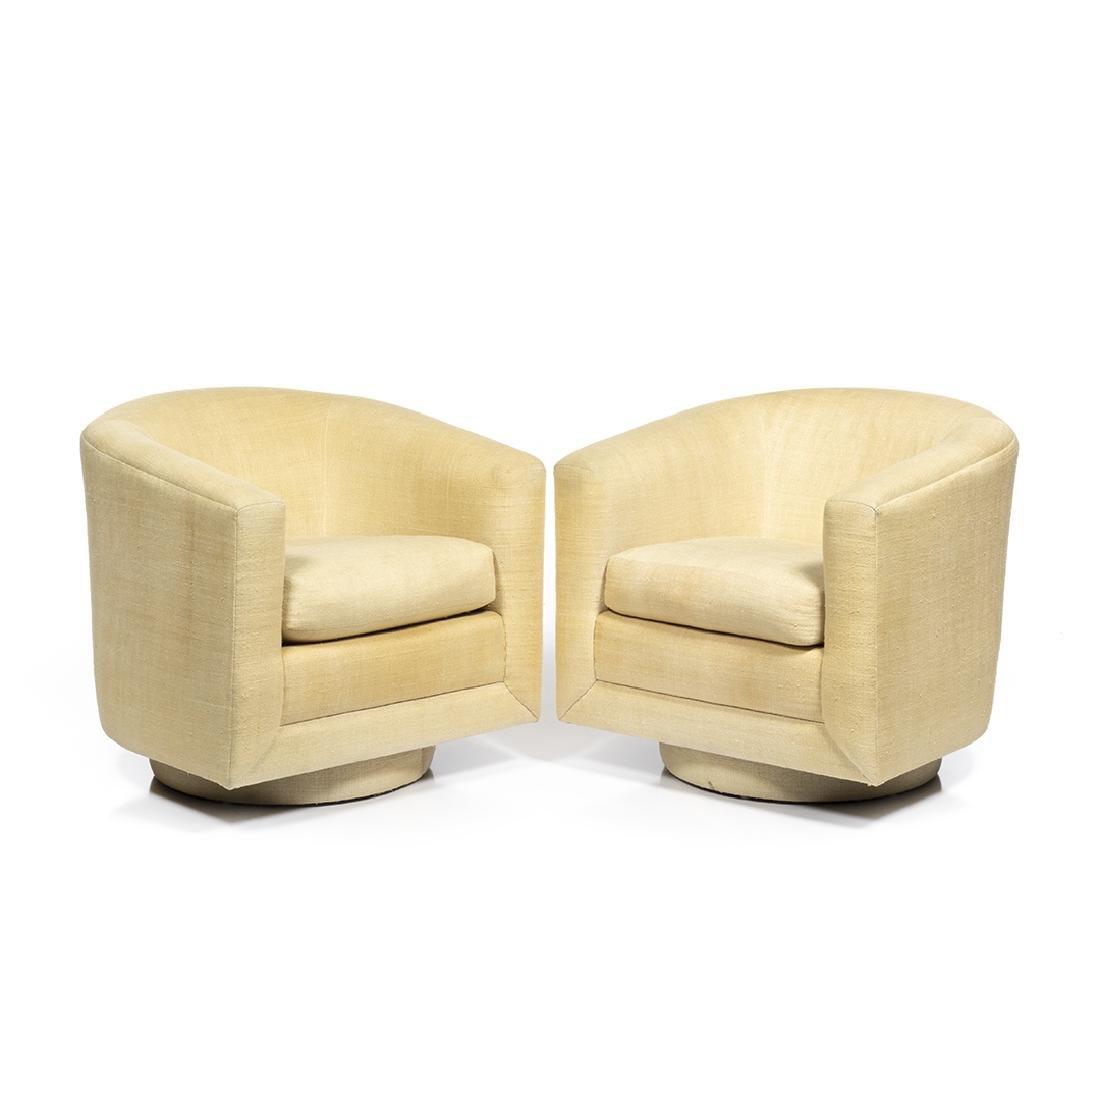 Martin Brattrud Club Chairs (2)